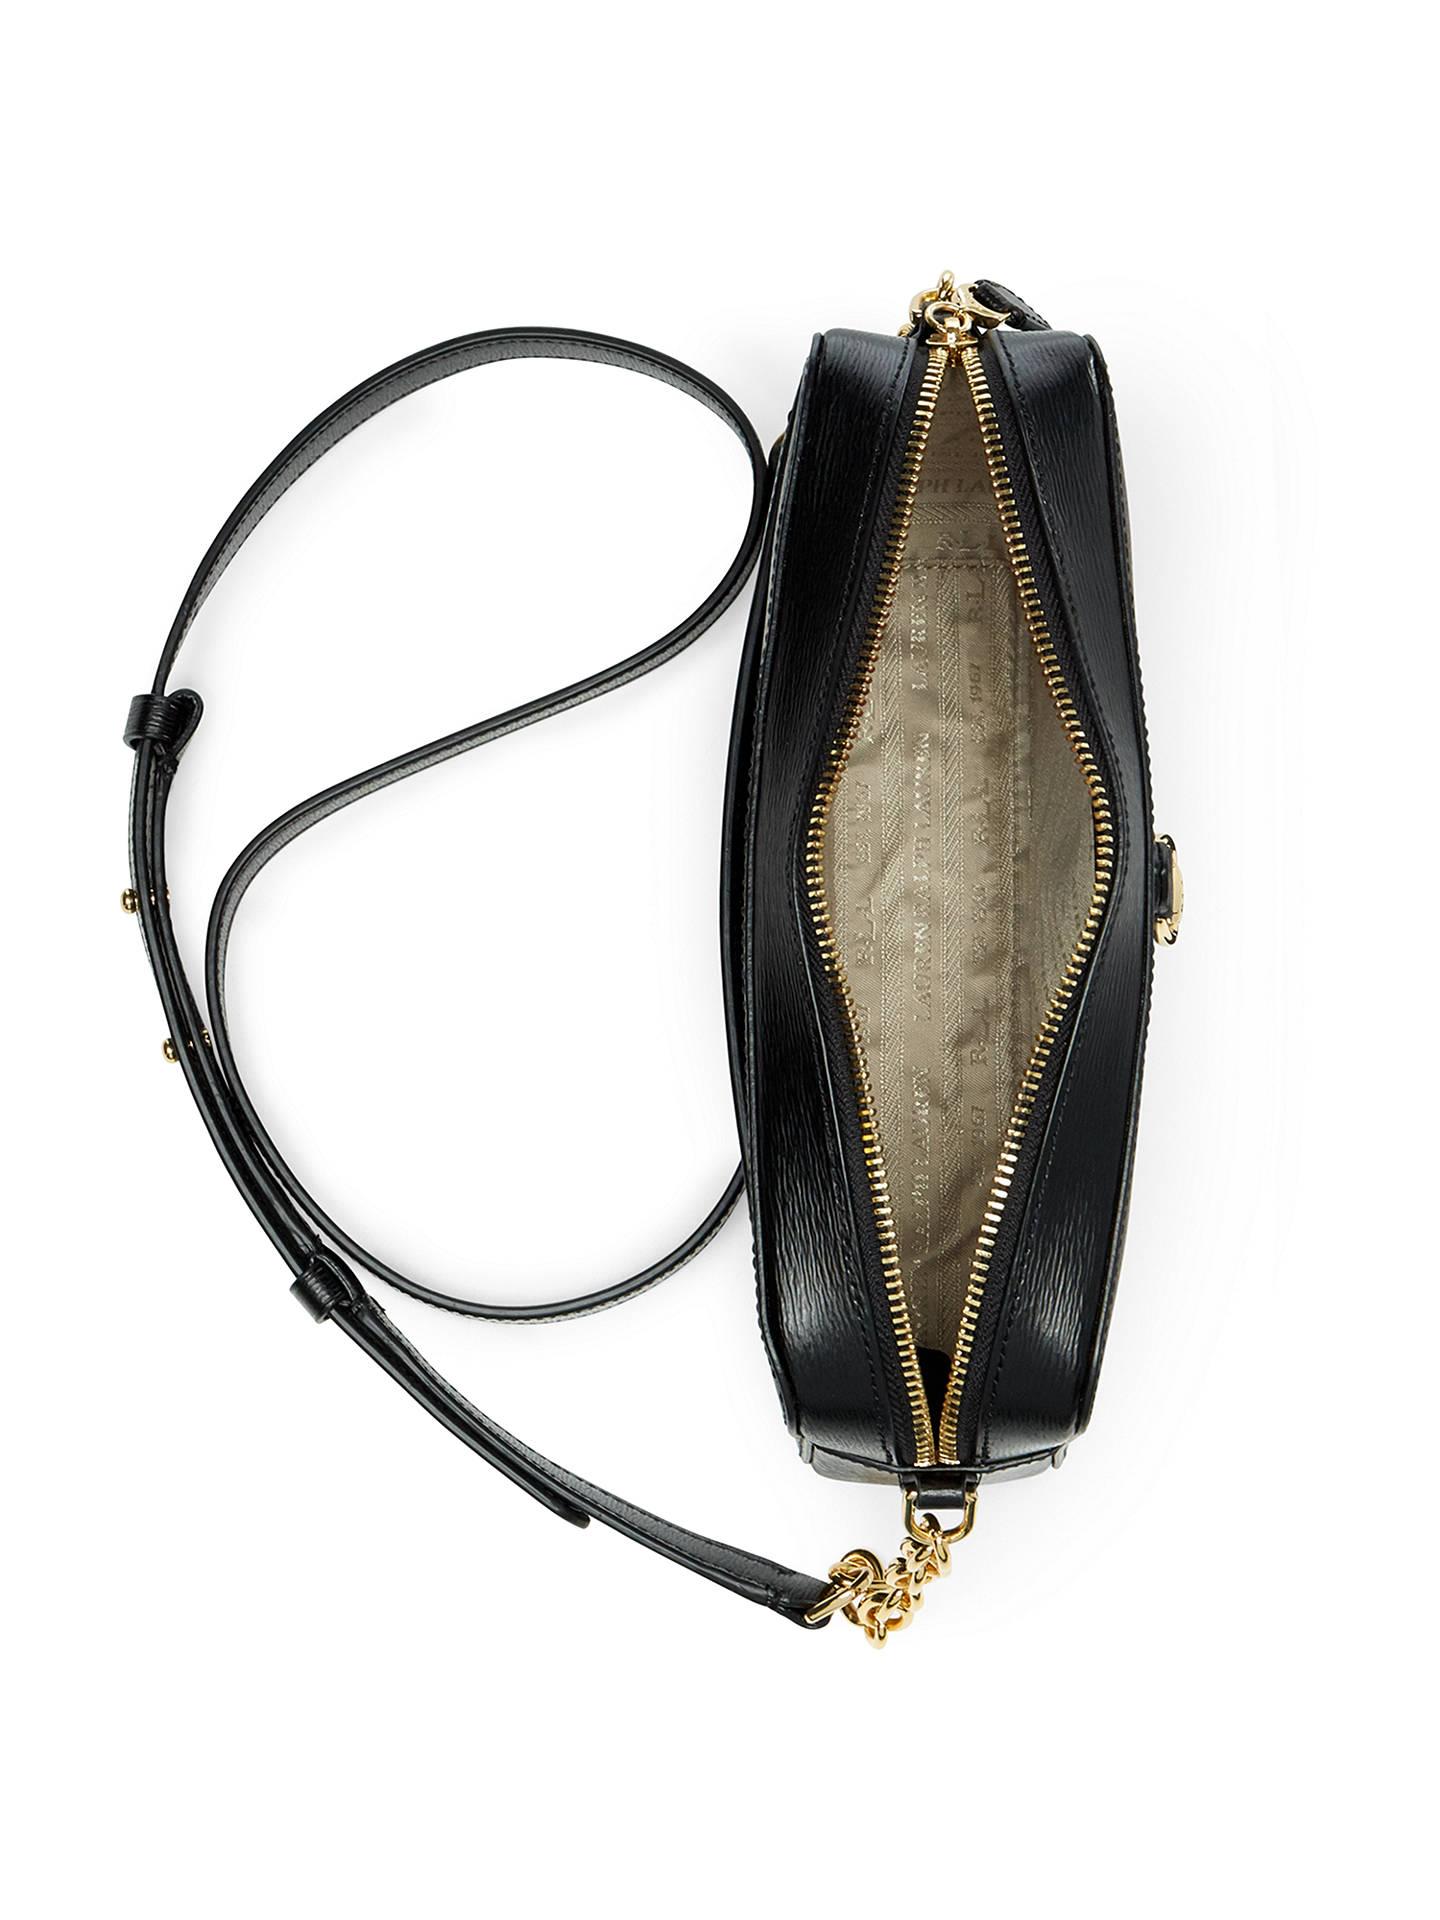 5576dd2ec ... Buy Lauren Ralph Lauren Bennington Camera Cross Body Bag, Black Online  at johnlewis.com ...